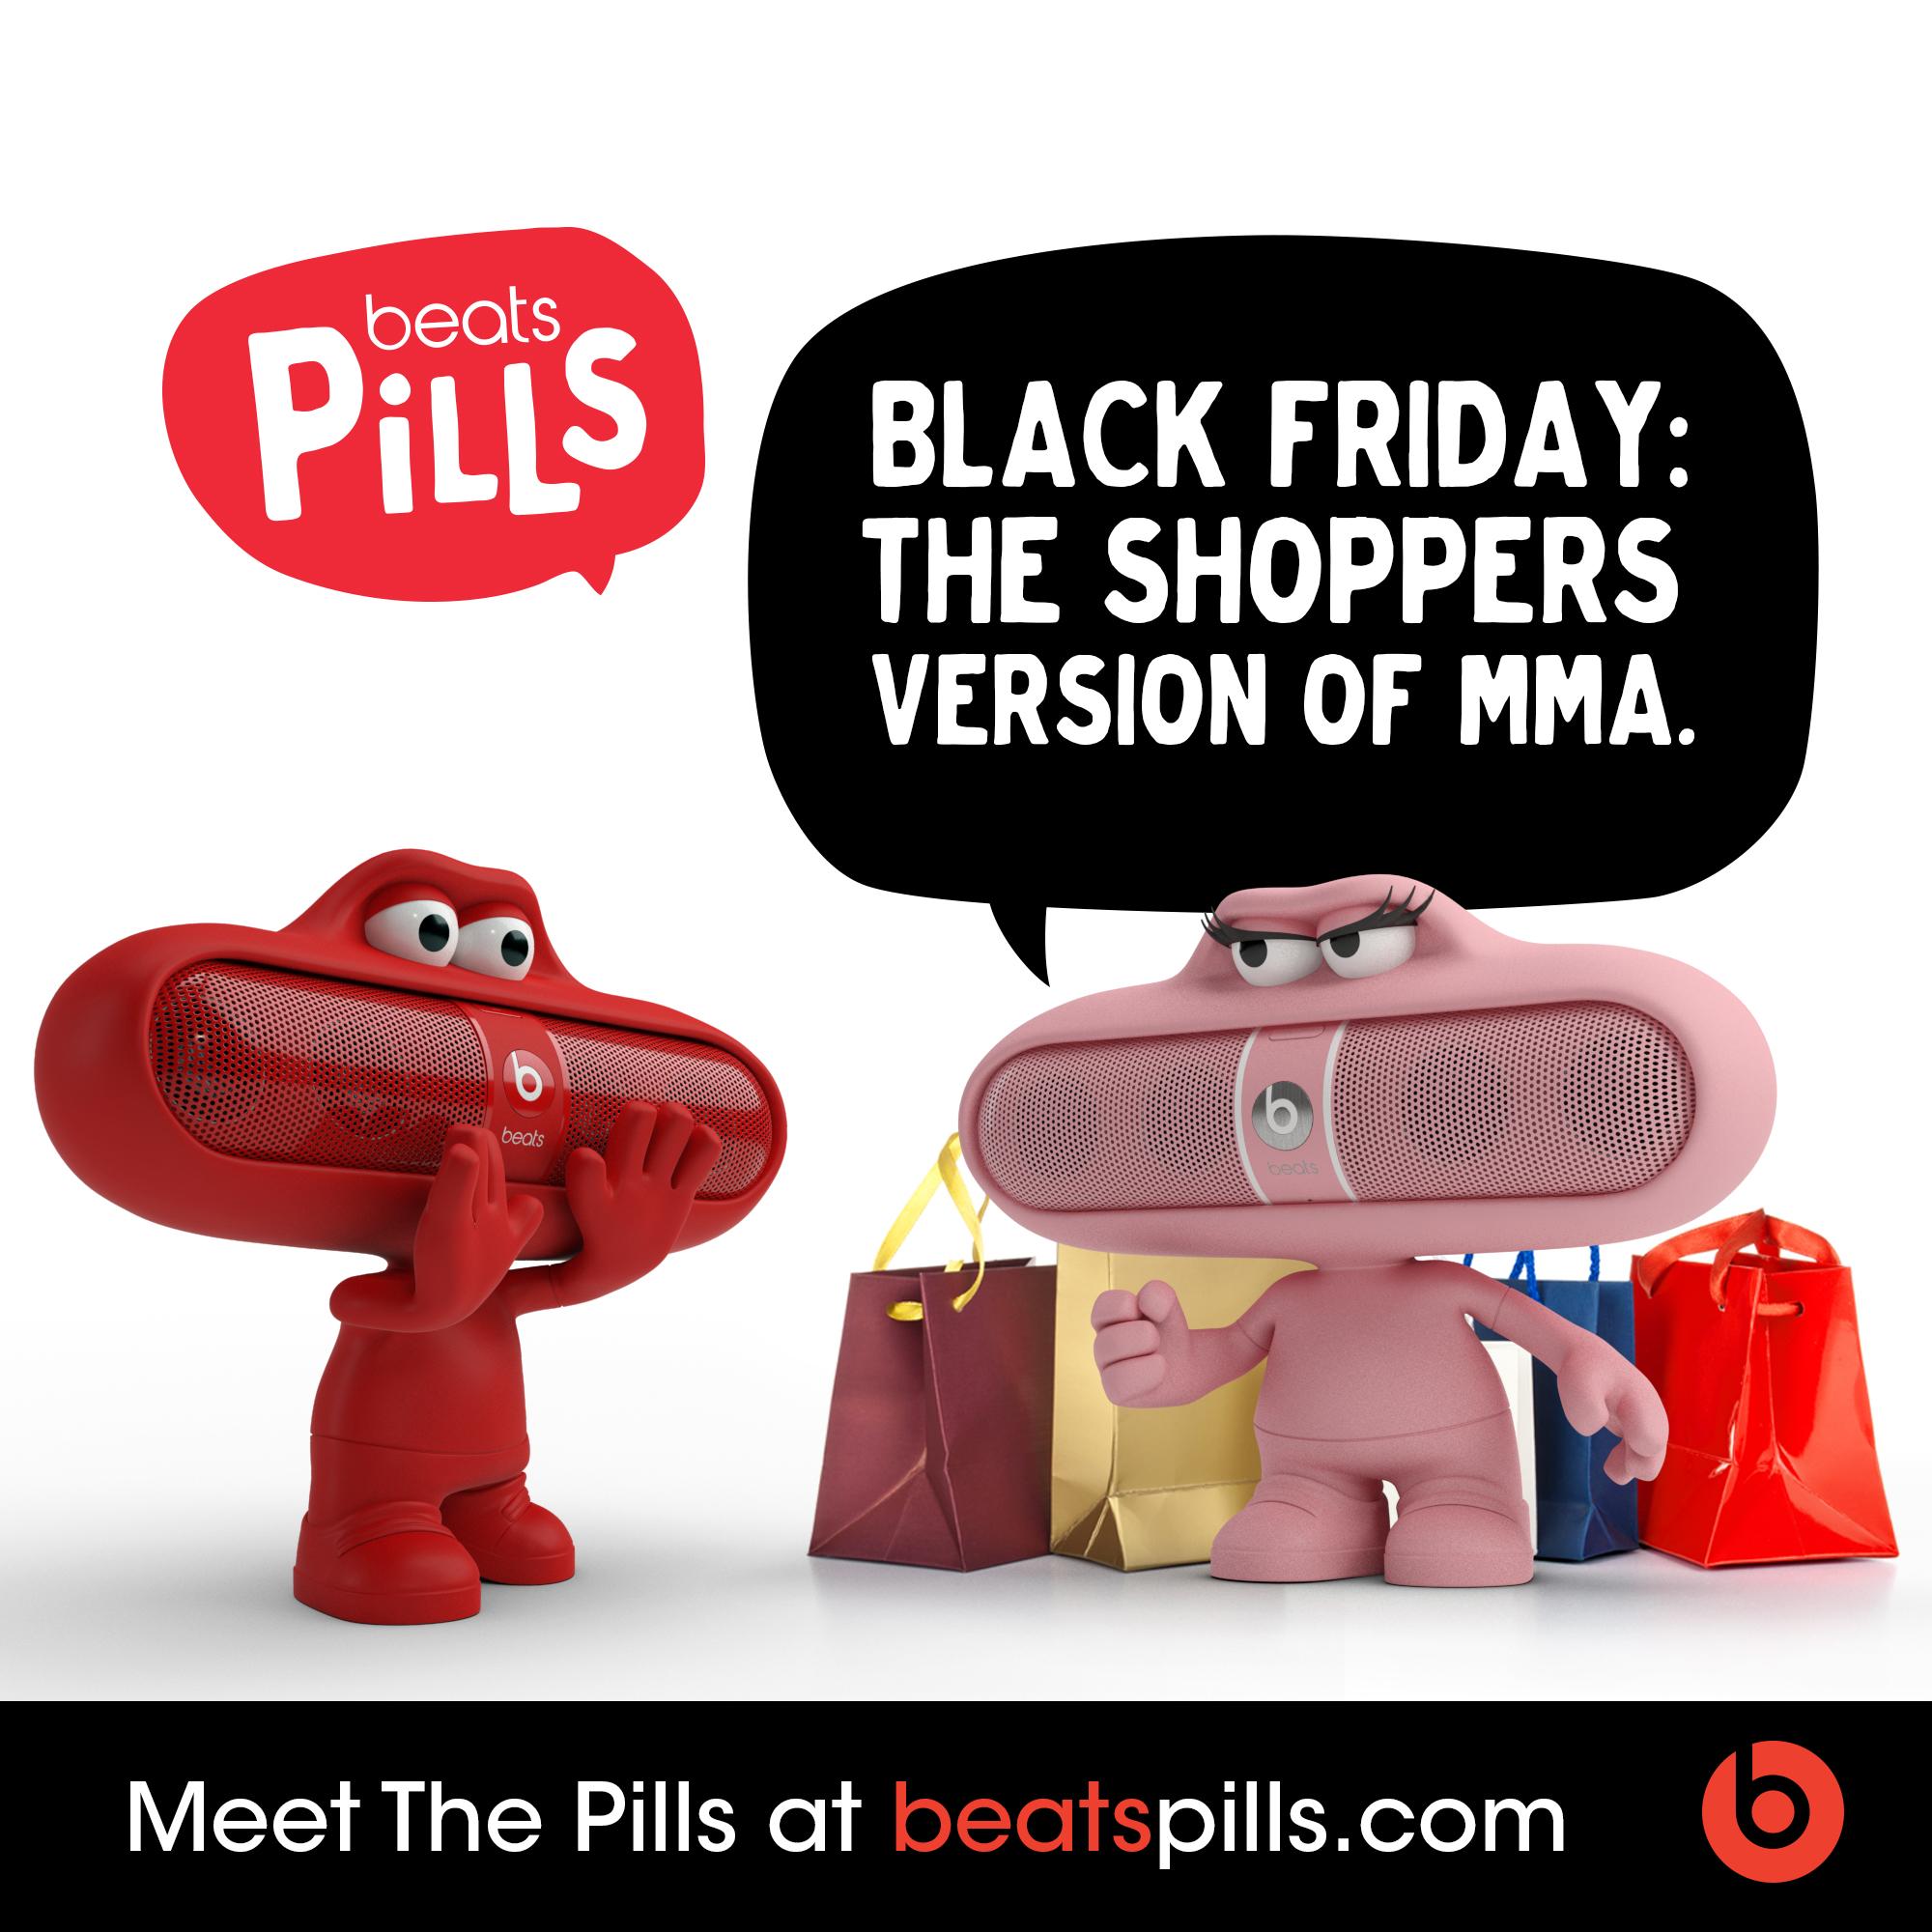 Black_Friday_MMA.jpg